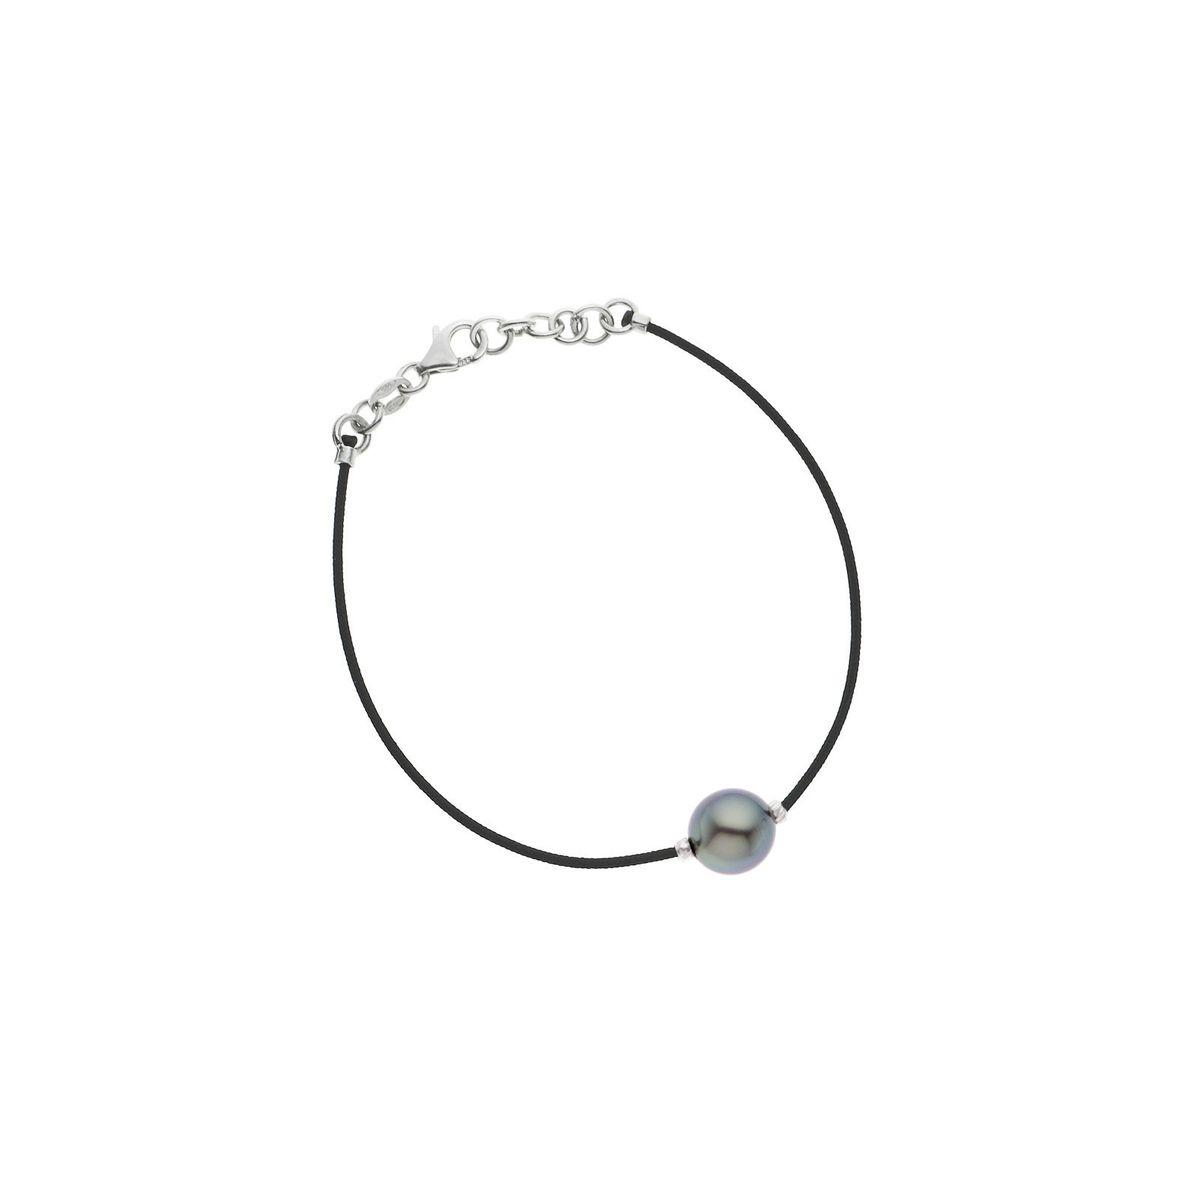 Bracelet Lien Nylon Tressé de couleur NOIRE Véritable Perle de Culture de TAHITI